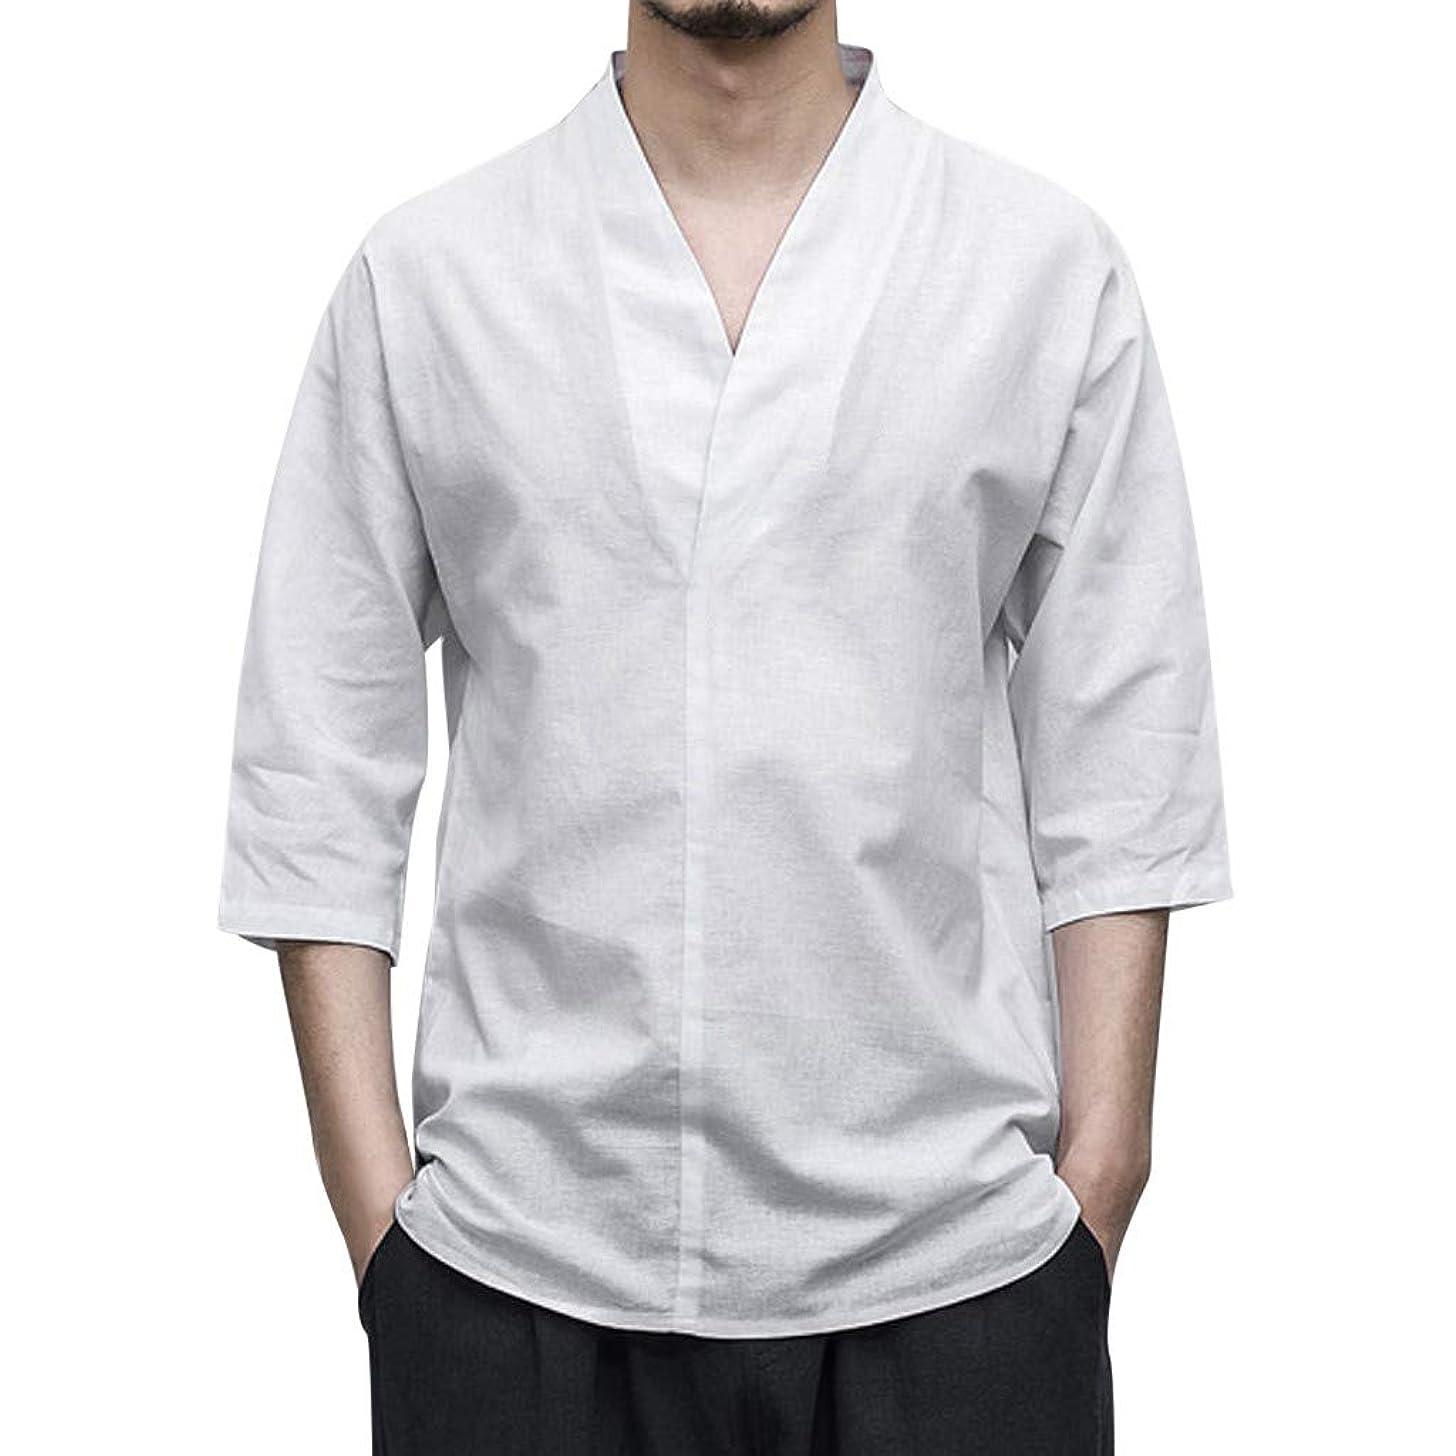 Ghazzi Men Top Linen Cotton Shirt 3/4 Sleeve Solid Color Loose V Neck Blouse T-Shirt